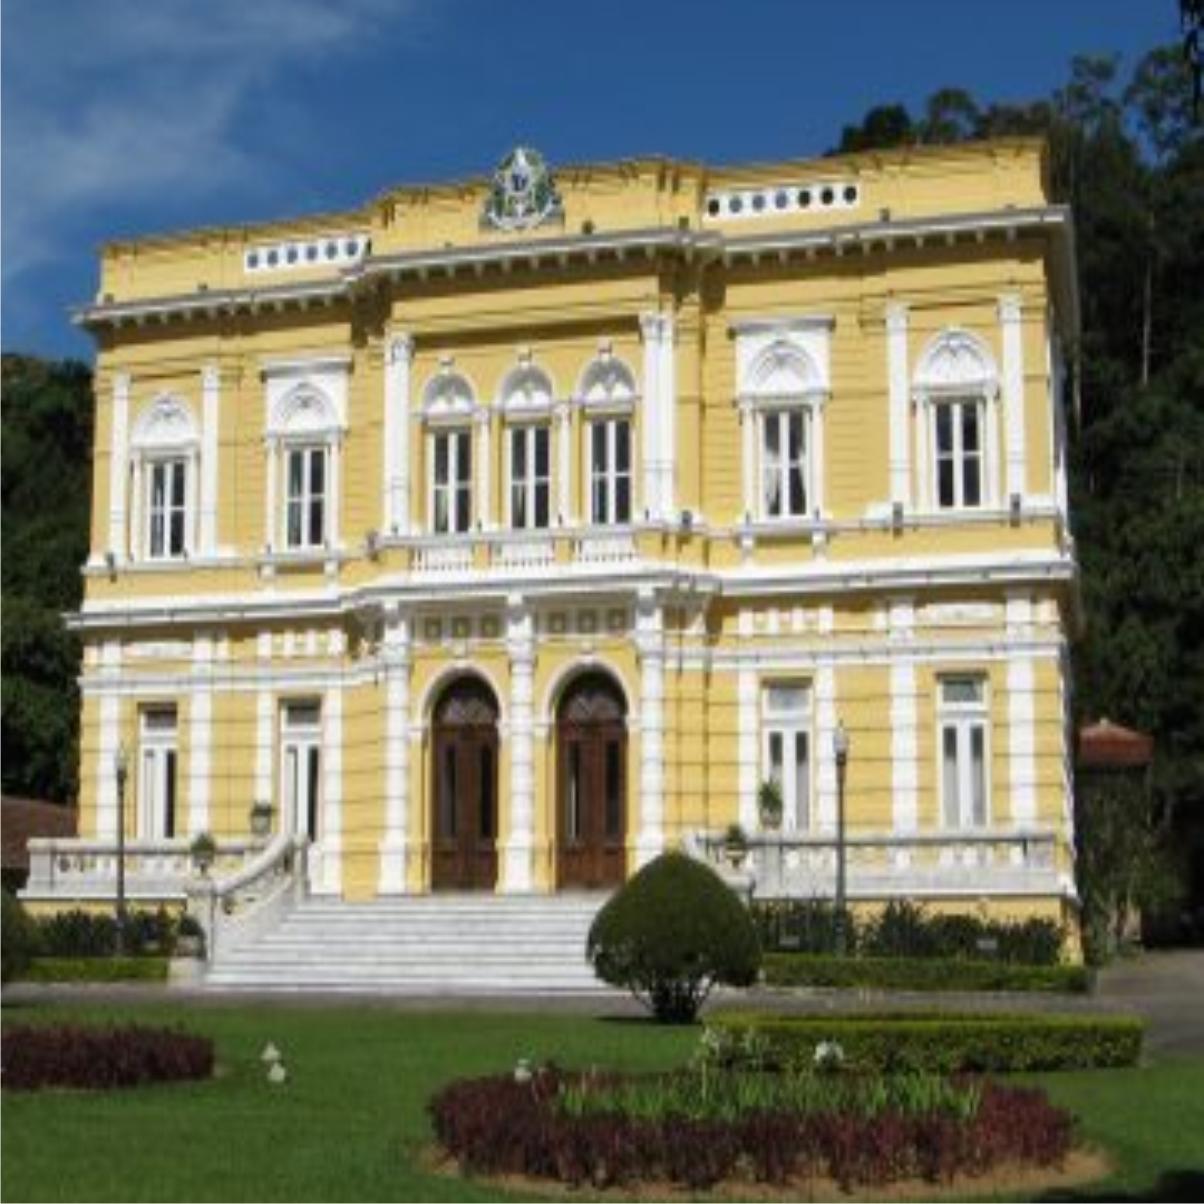 Exposição 'Histórias do Palácio Rio Negro' e aposentos de Getúlio Vargas